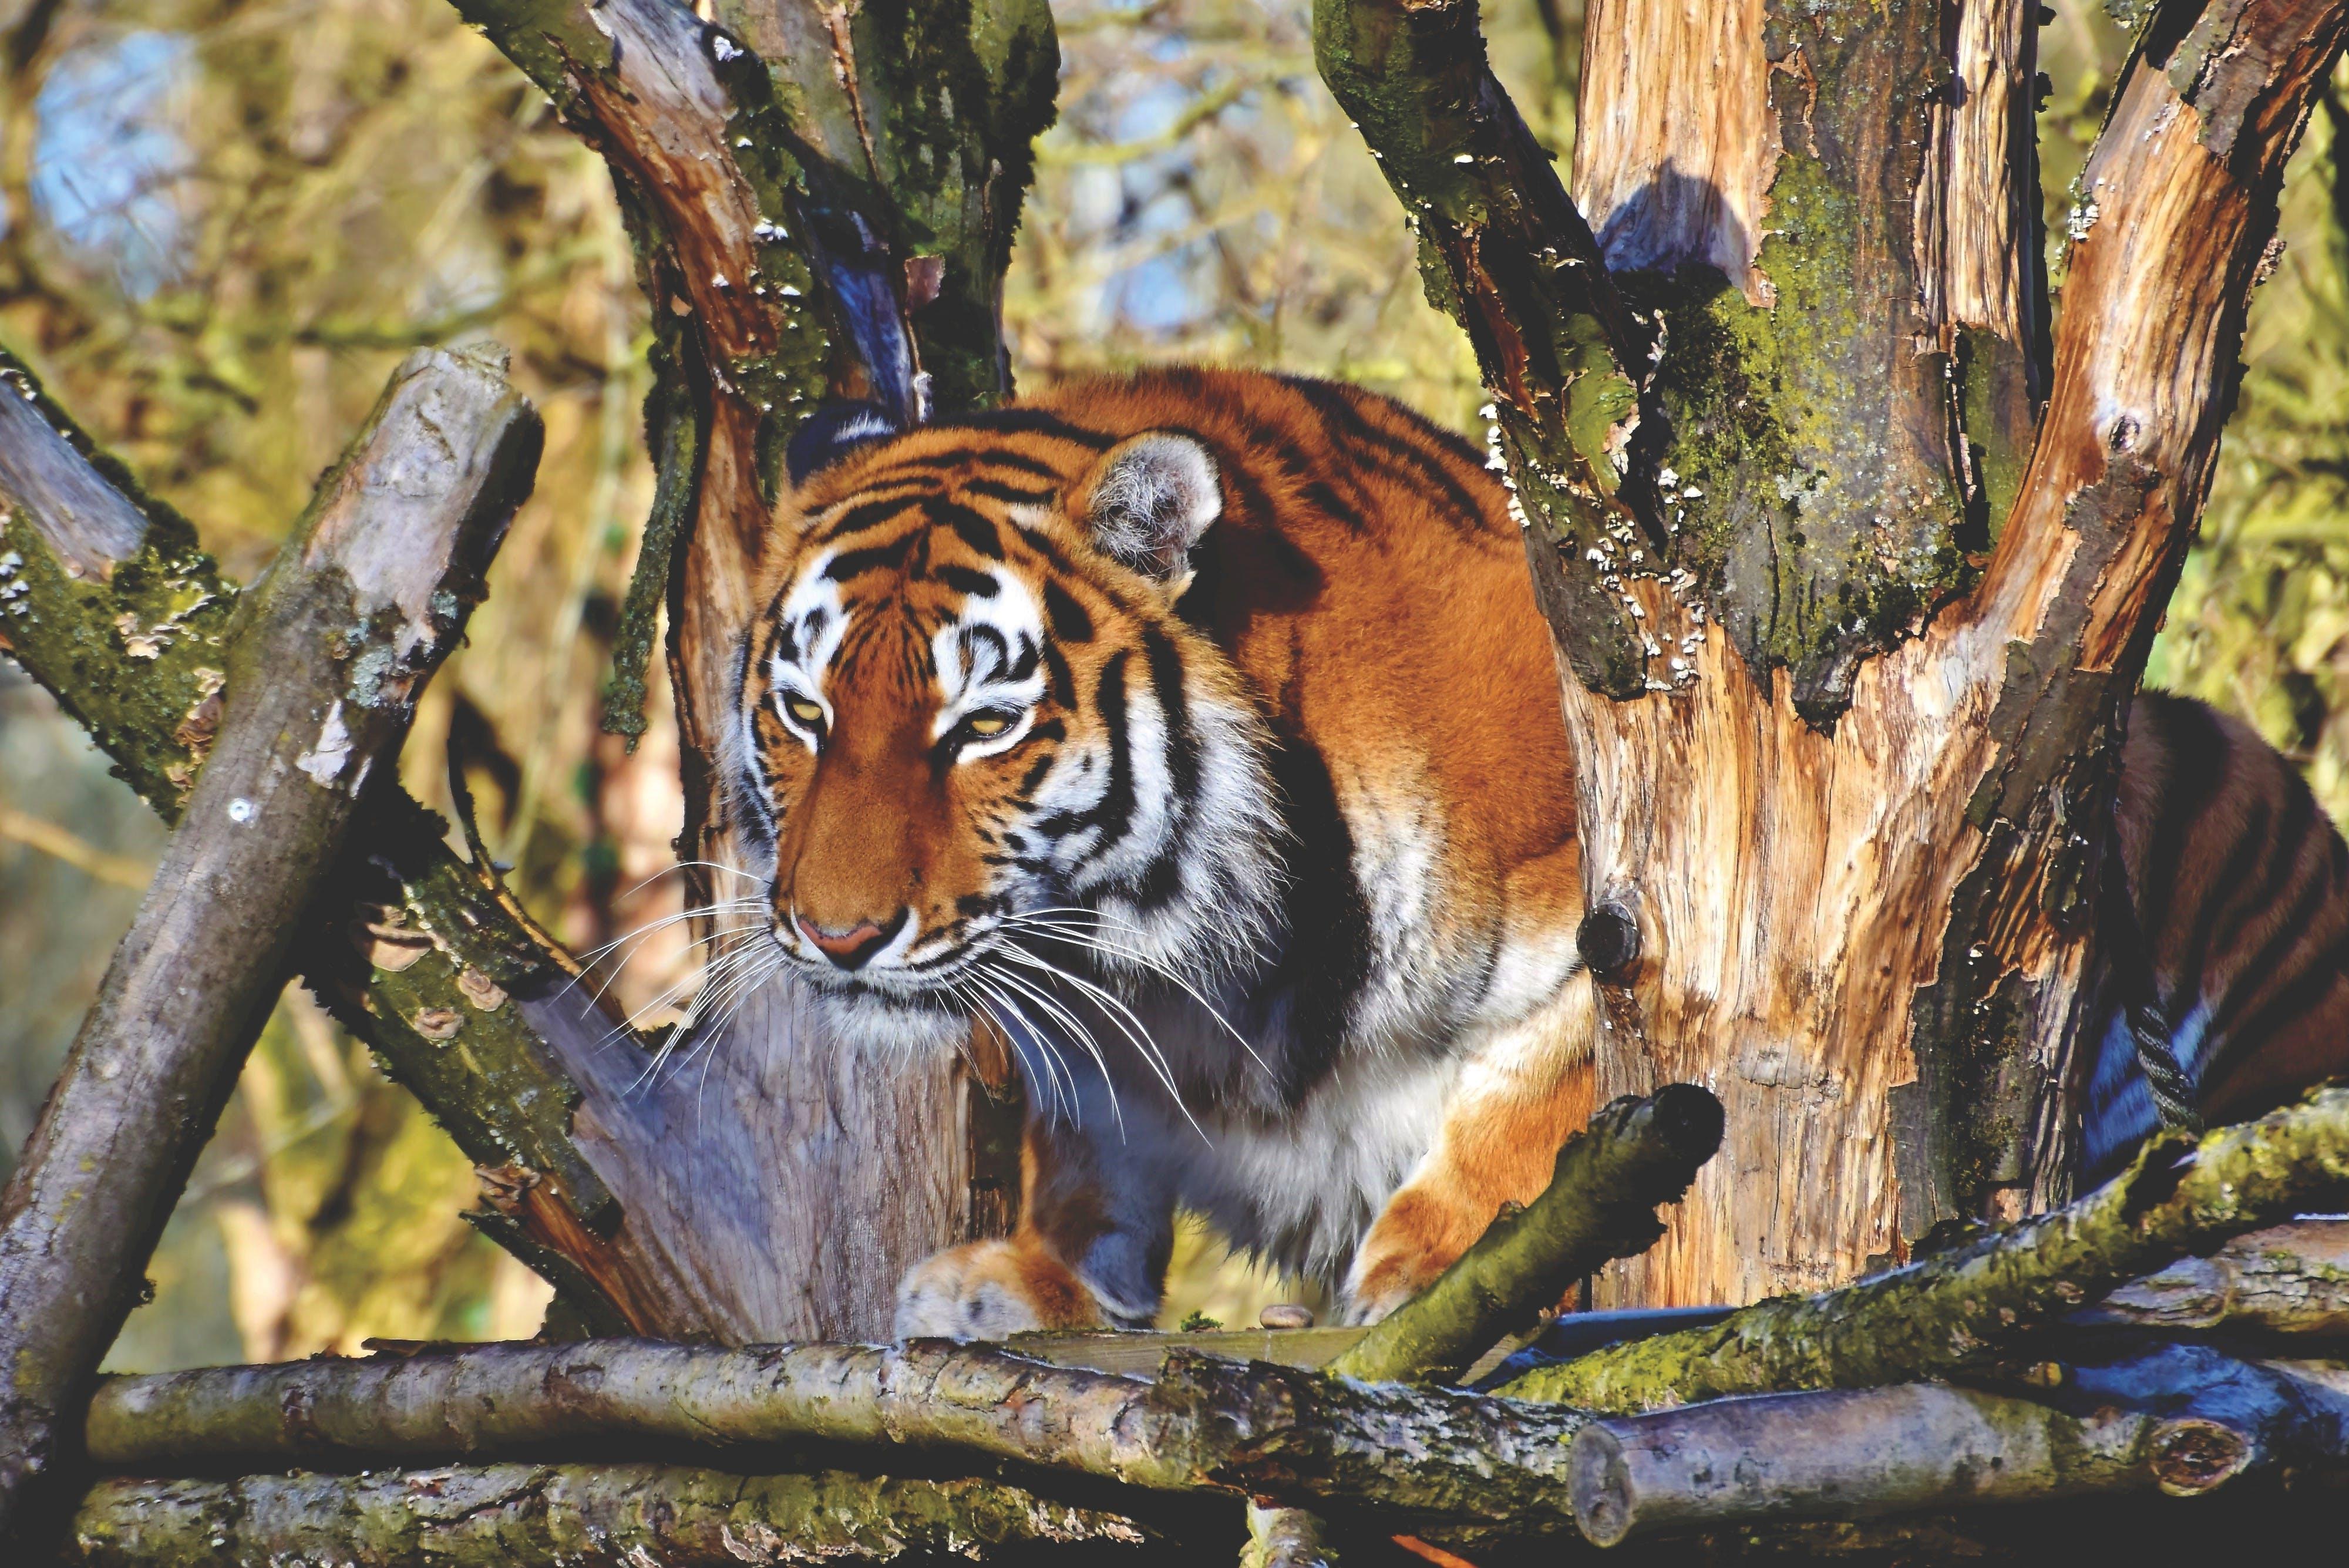 Gratis lagerfoto af bengal tiger, dyr, dyreliv, fare